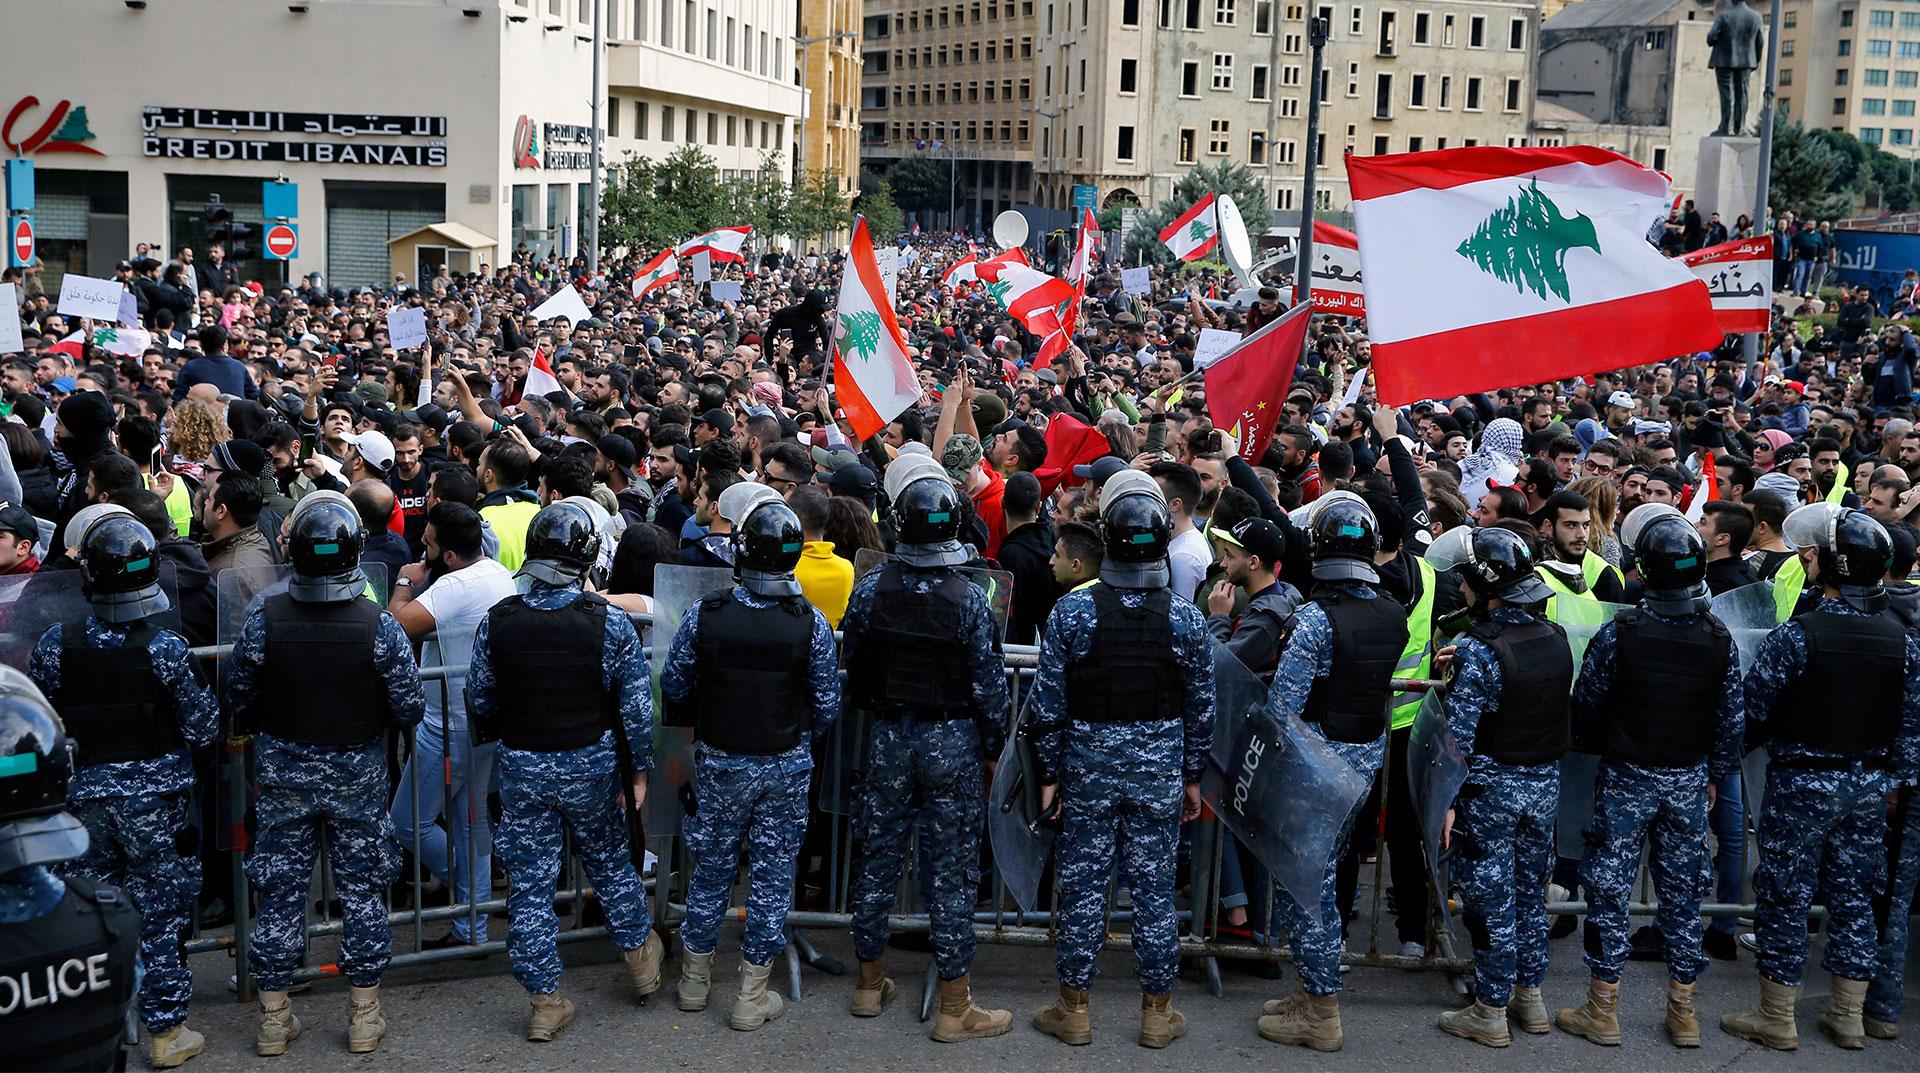 Lübnan'da hükümet karşıtı gösteriler sürüyor: 35 yaralı